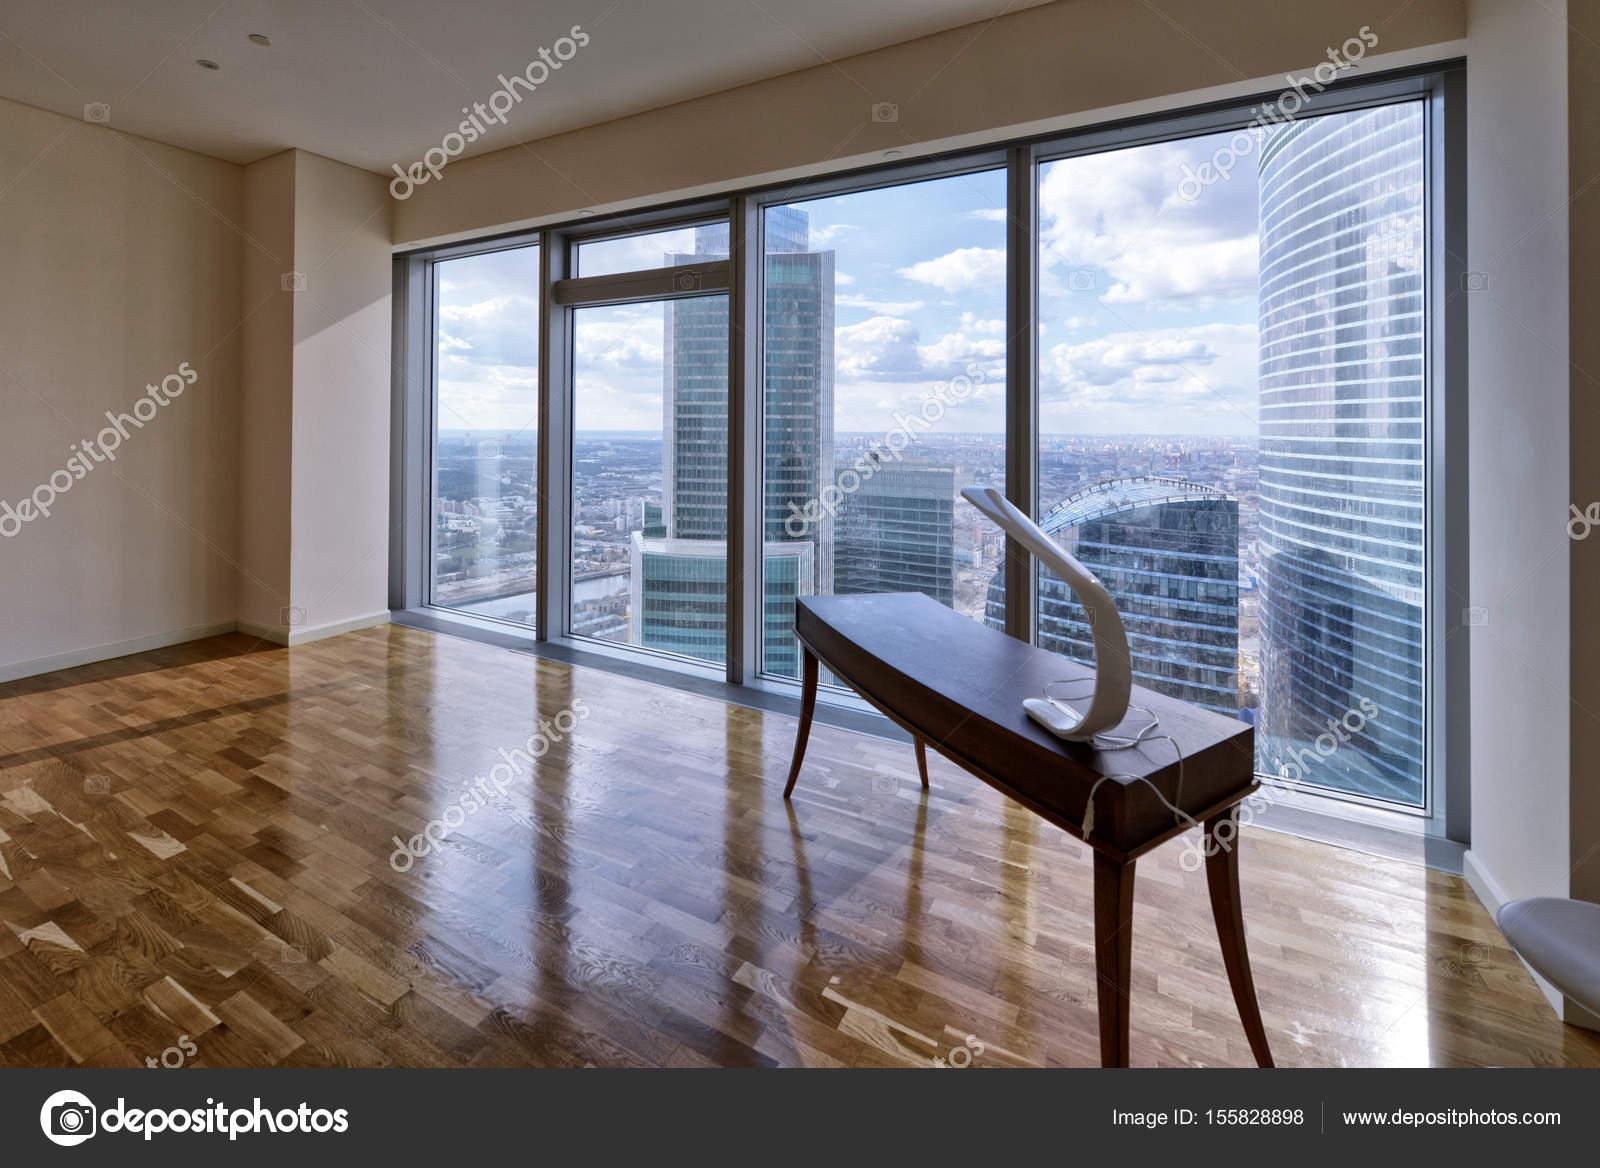 Interni Moderni Case Di Lusso : Interni moderni in una nuova casa di lusso con vetrate panoramiche